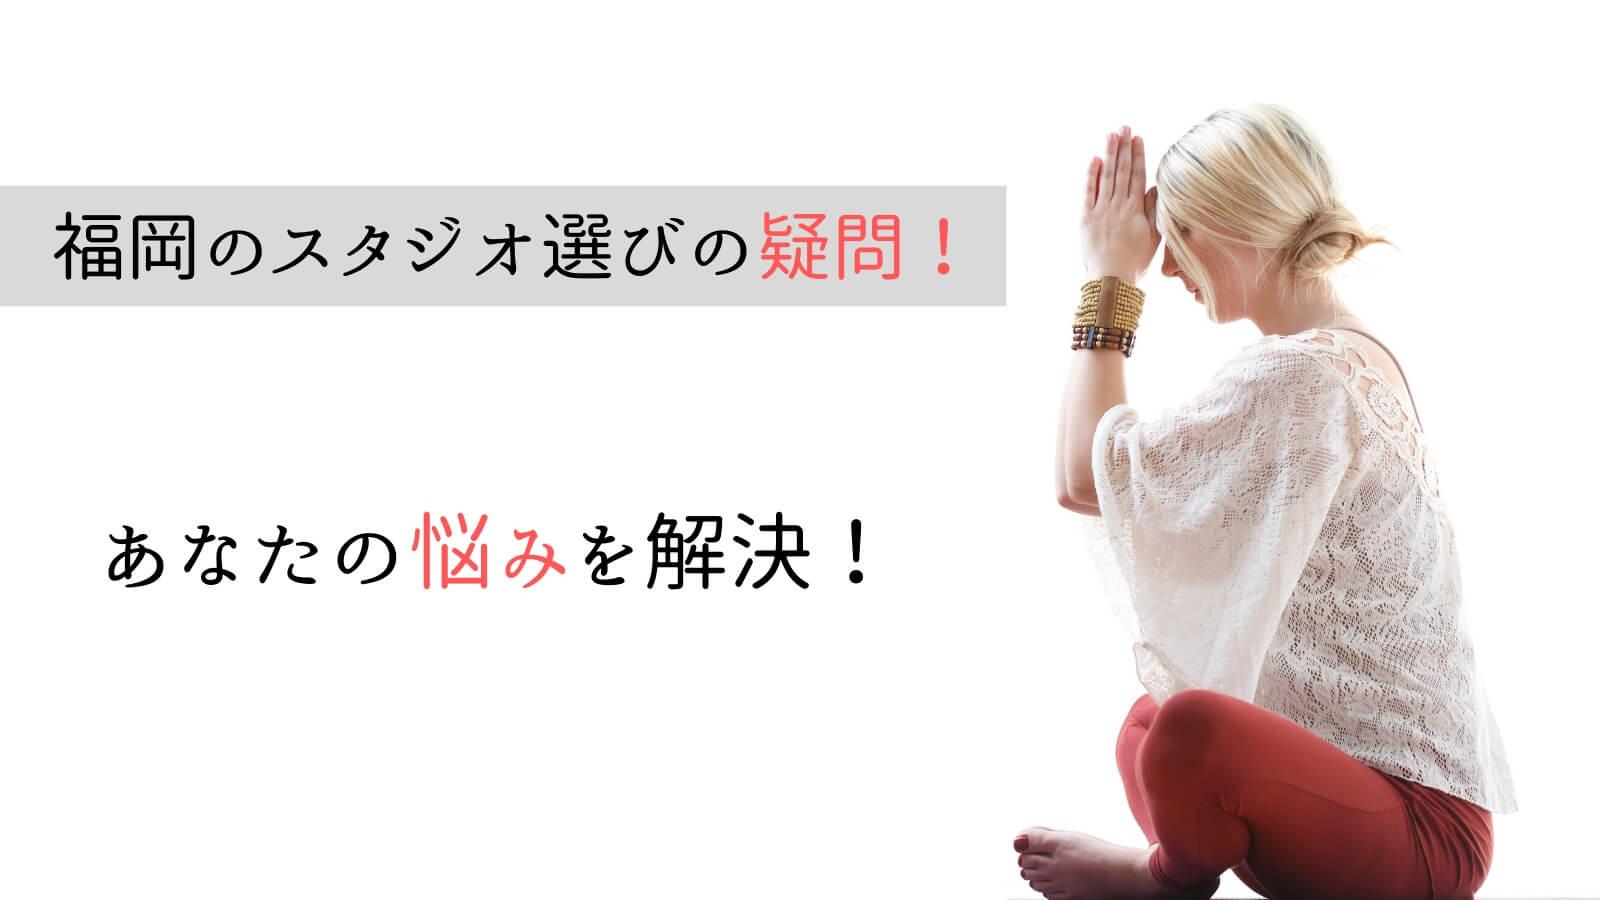 福岡でのヨガスタジオ選びに関するQ&A